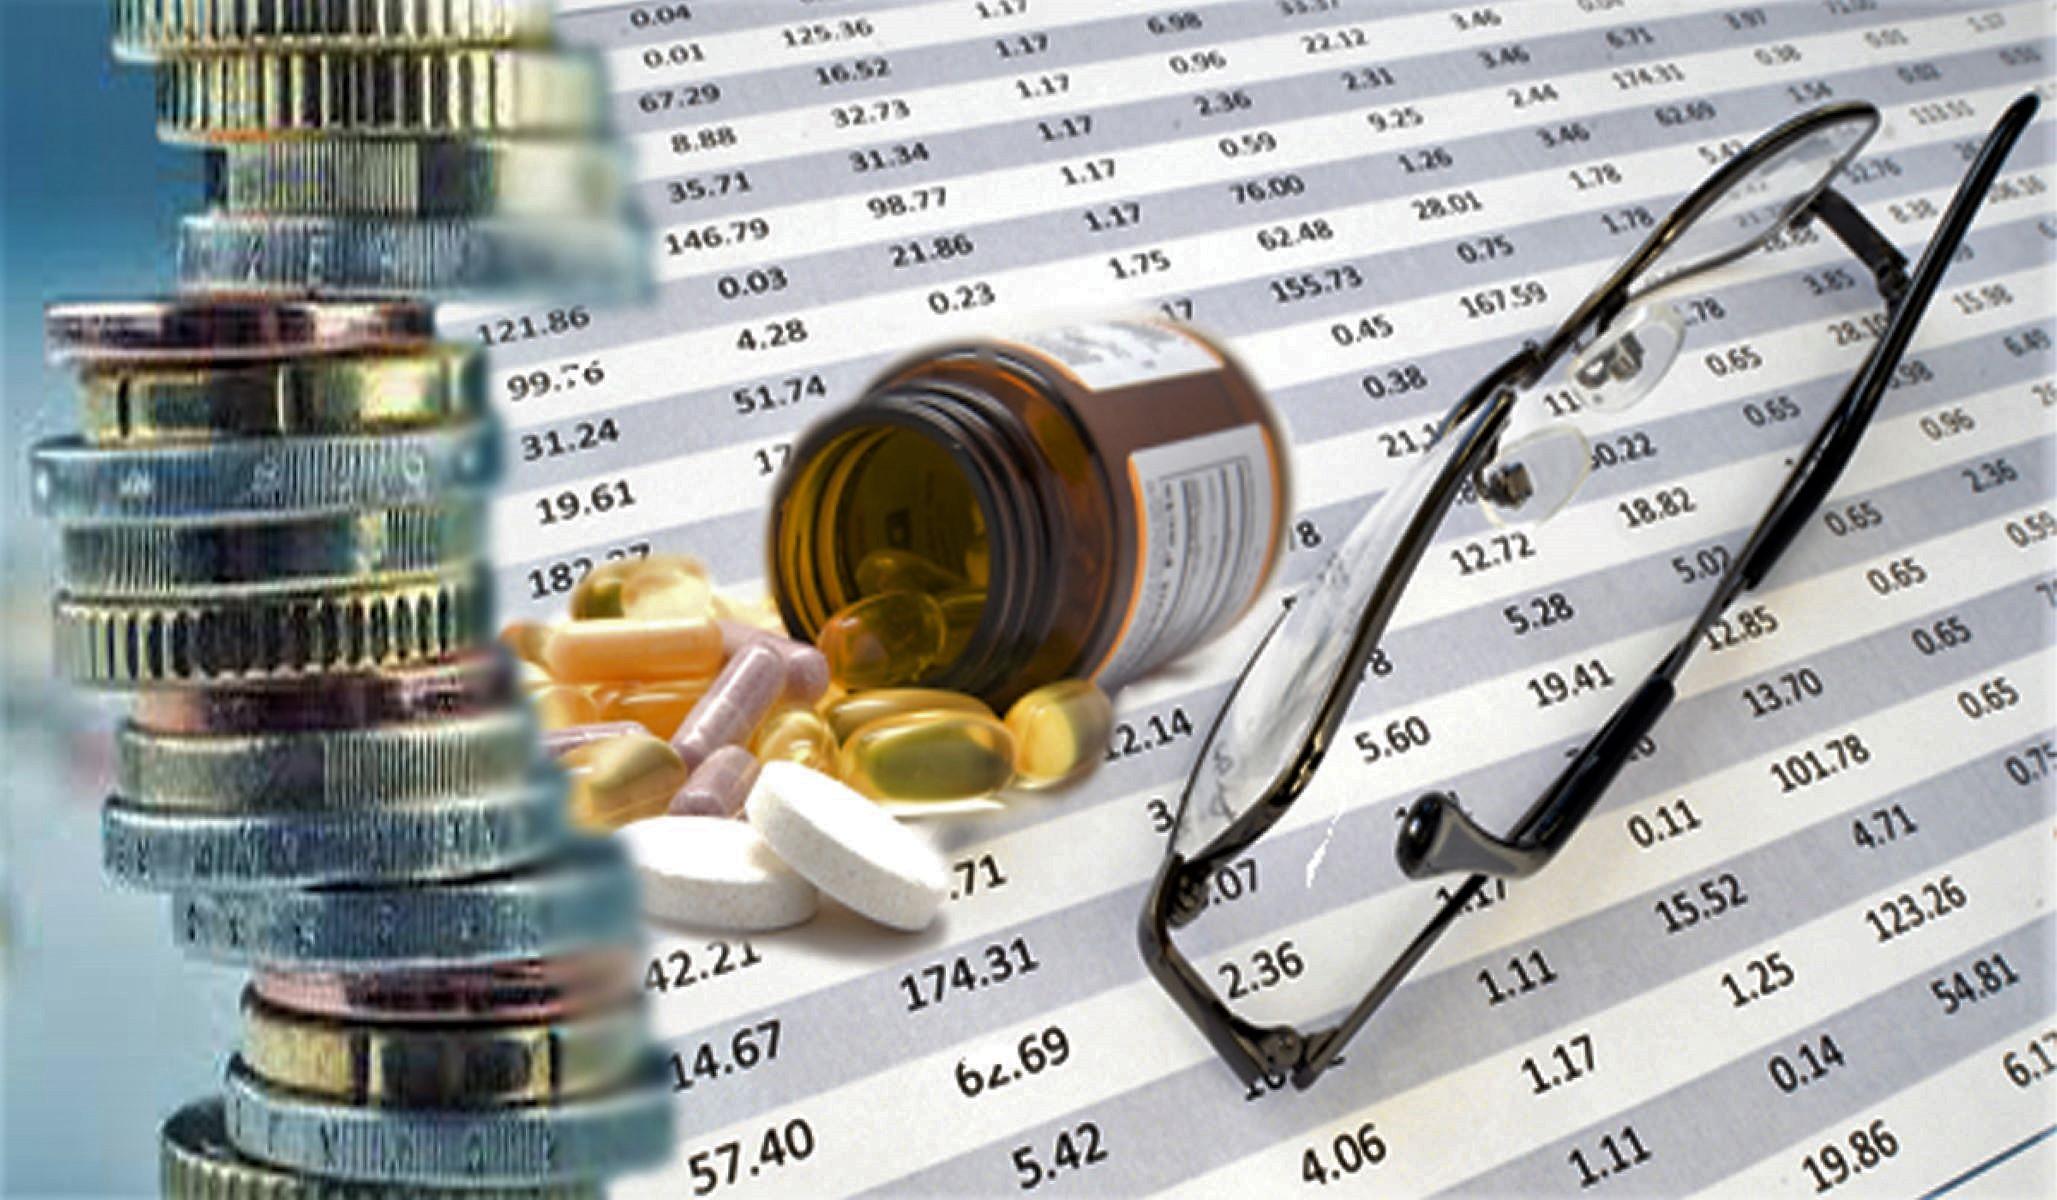 Φαρμακευτική πολιτική στην Ελλάδα : Η αναζήτηση της αποτελεσματικότητας είναι η μόνη επιλογή